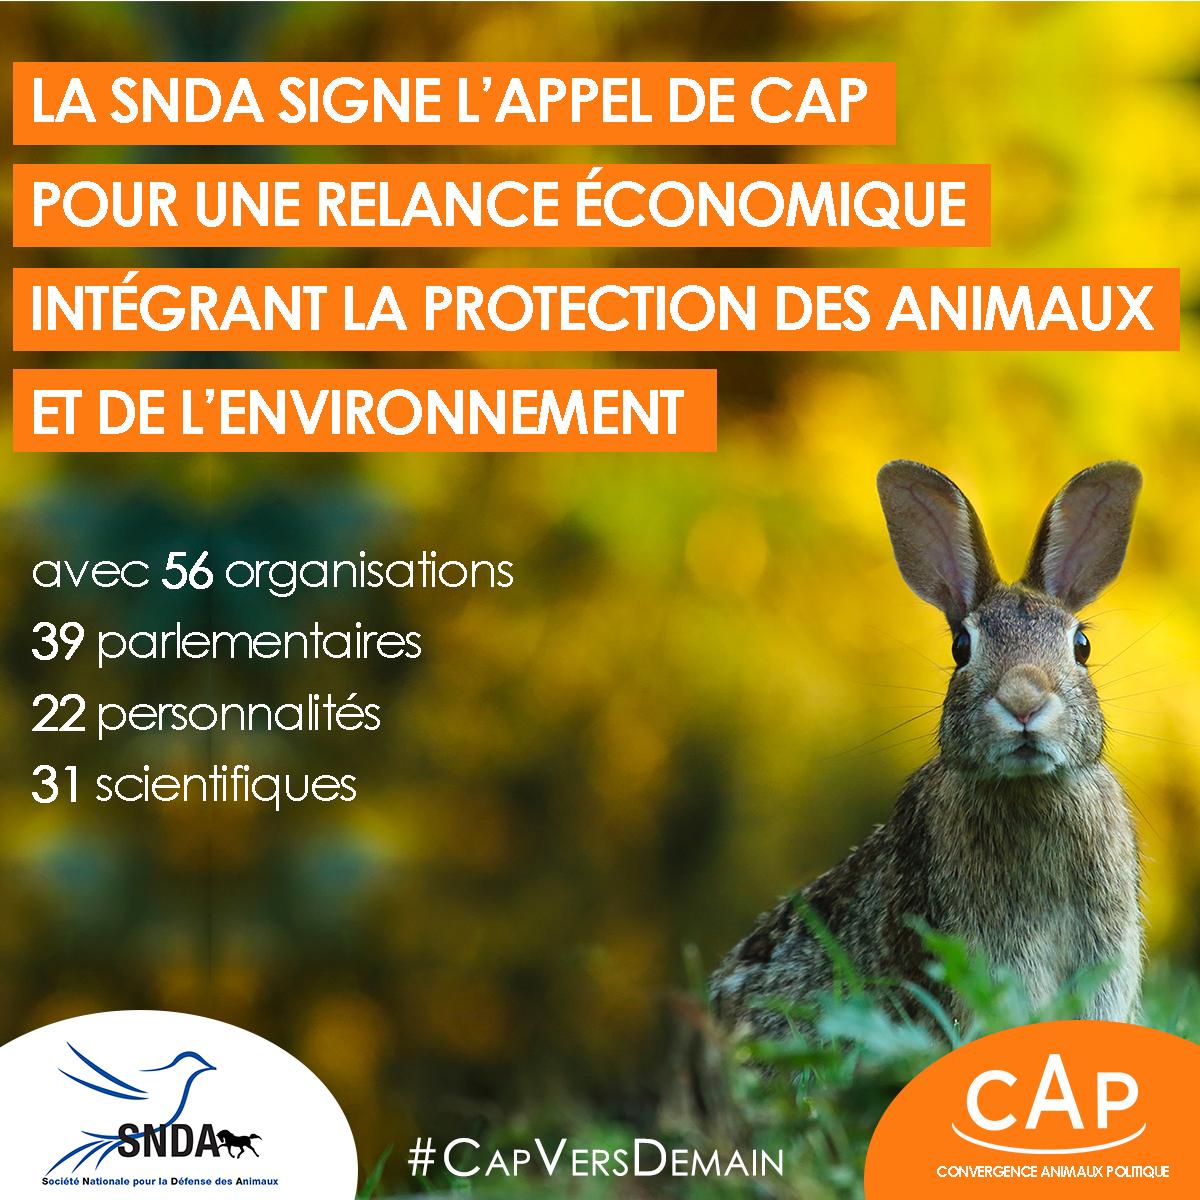 La SNDA signe l'appel pour une relance économique intégrant la protection des animaux et de l'environnement